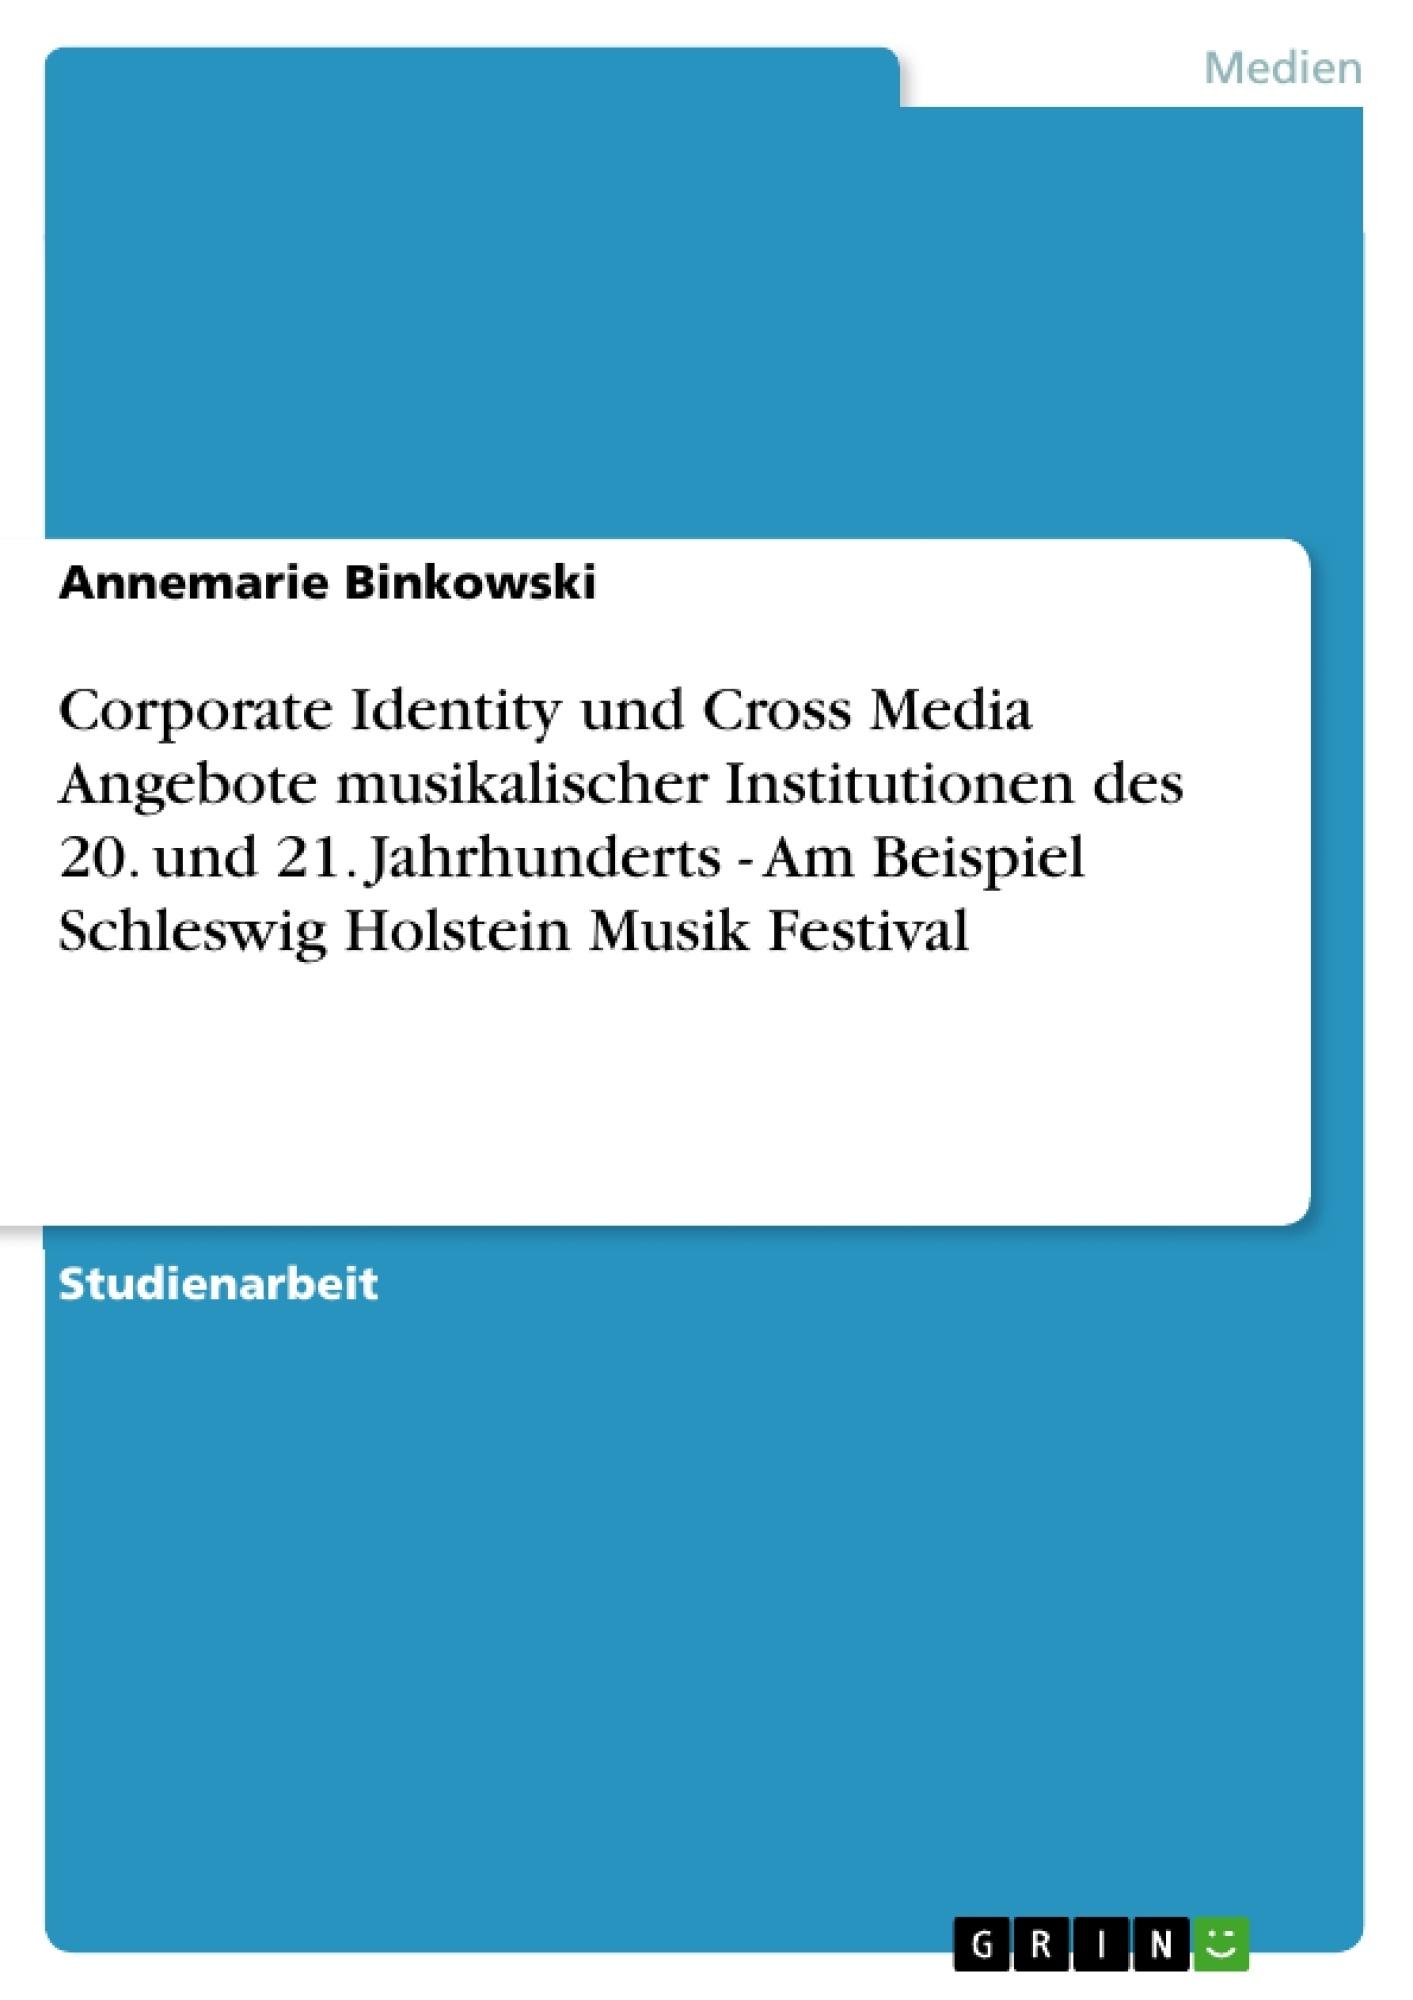 Titel: Corporate Identity und Cross Media Angebote musikalischer Institutionen des 20. und 21. Jahrhunderts - Am Beispiel Schleswig Holstein Musik Festival